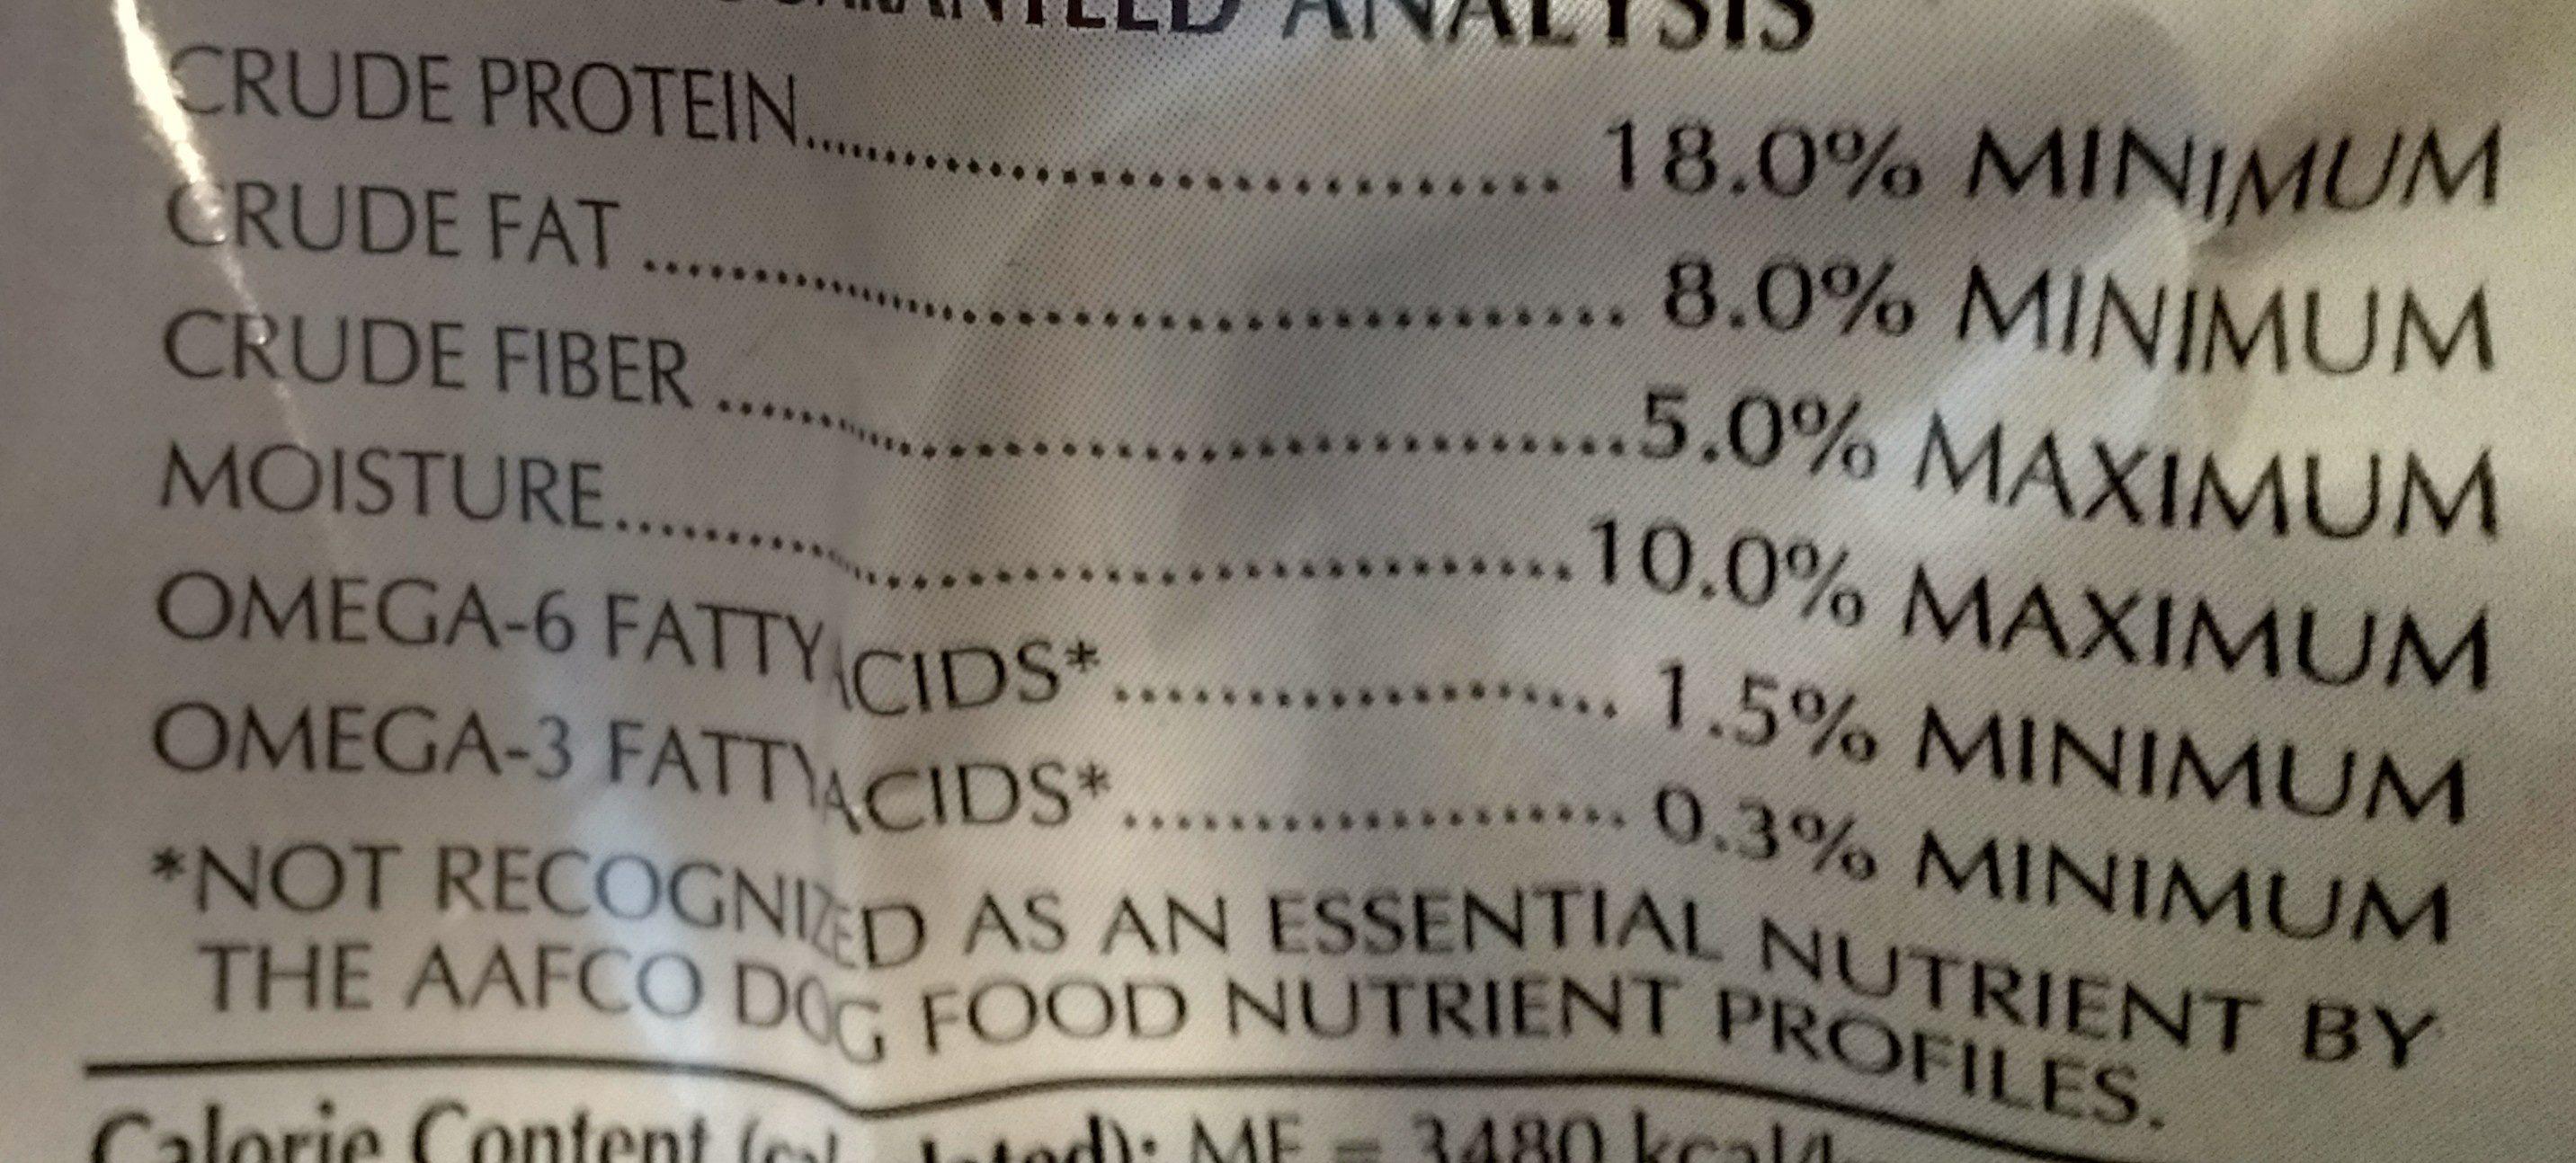 Natural Balance Dog Food Vegan - Nutrition facts - en